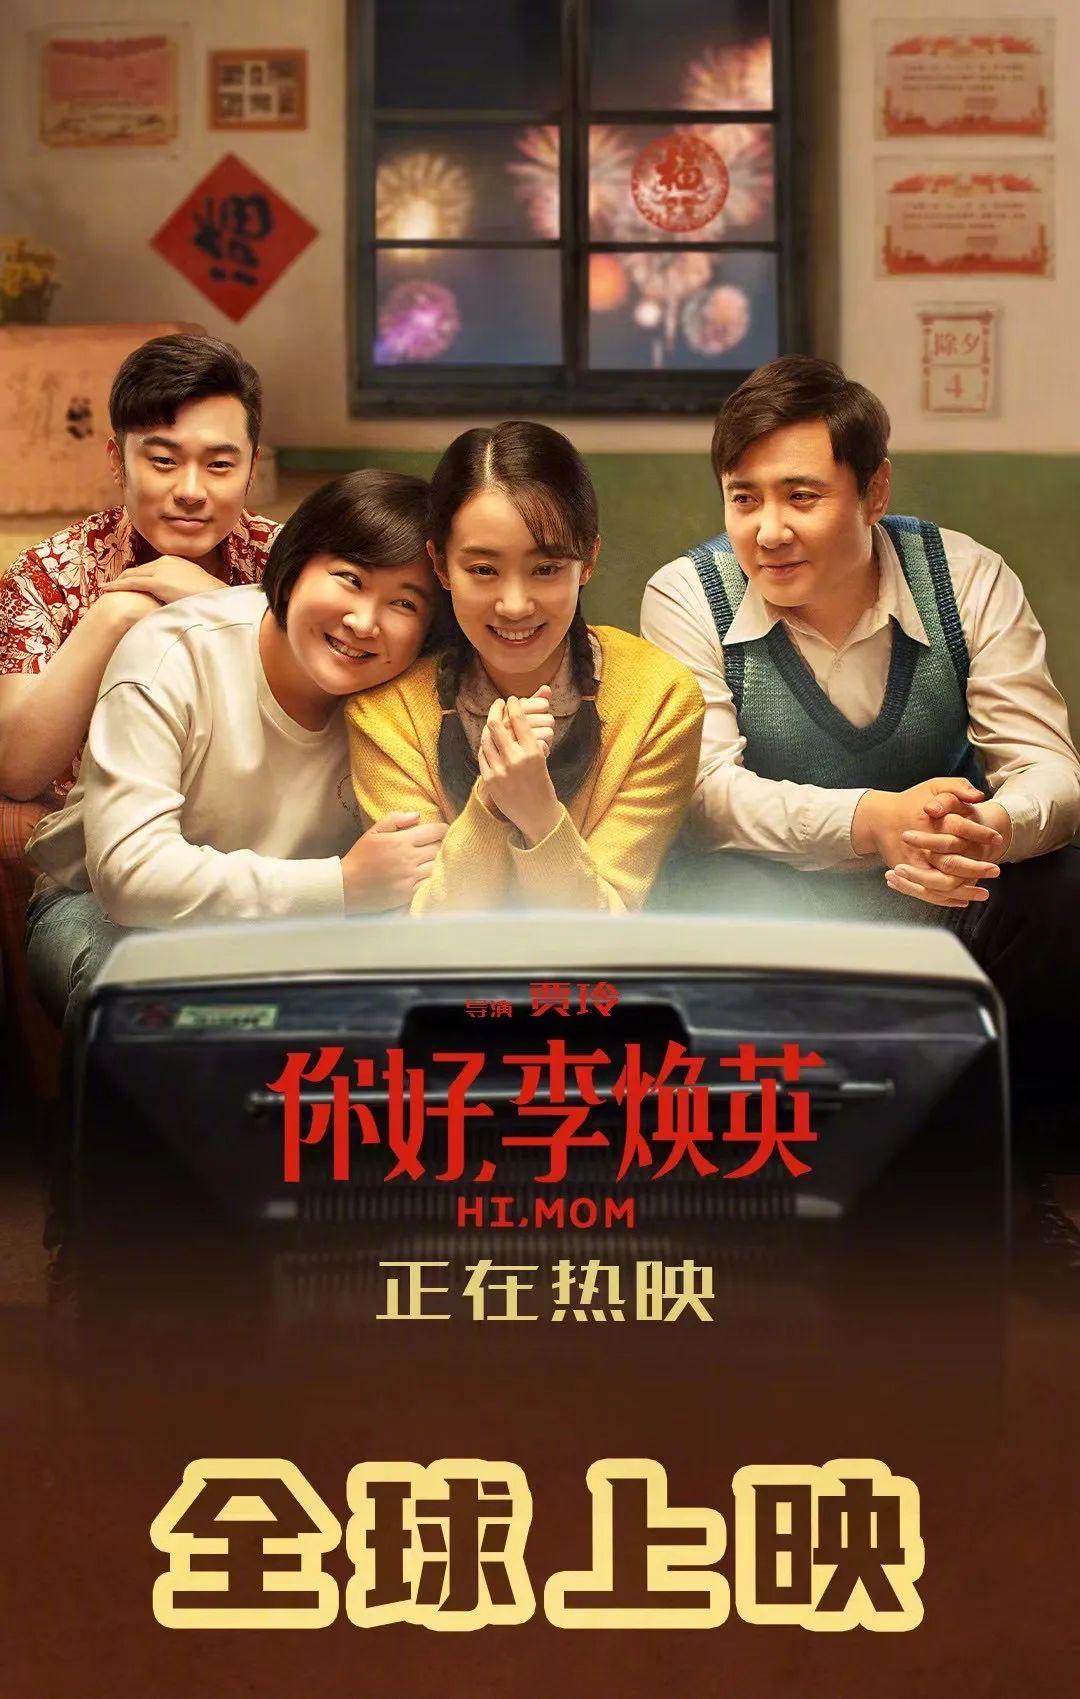 语言不同、情感相通,电影《你好,李焕英》即将全球上映